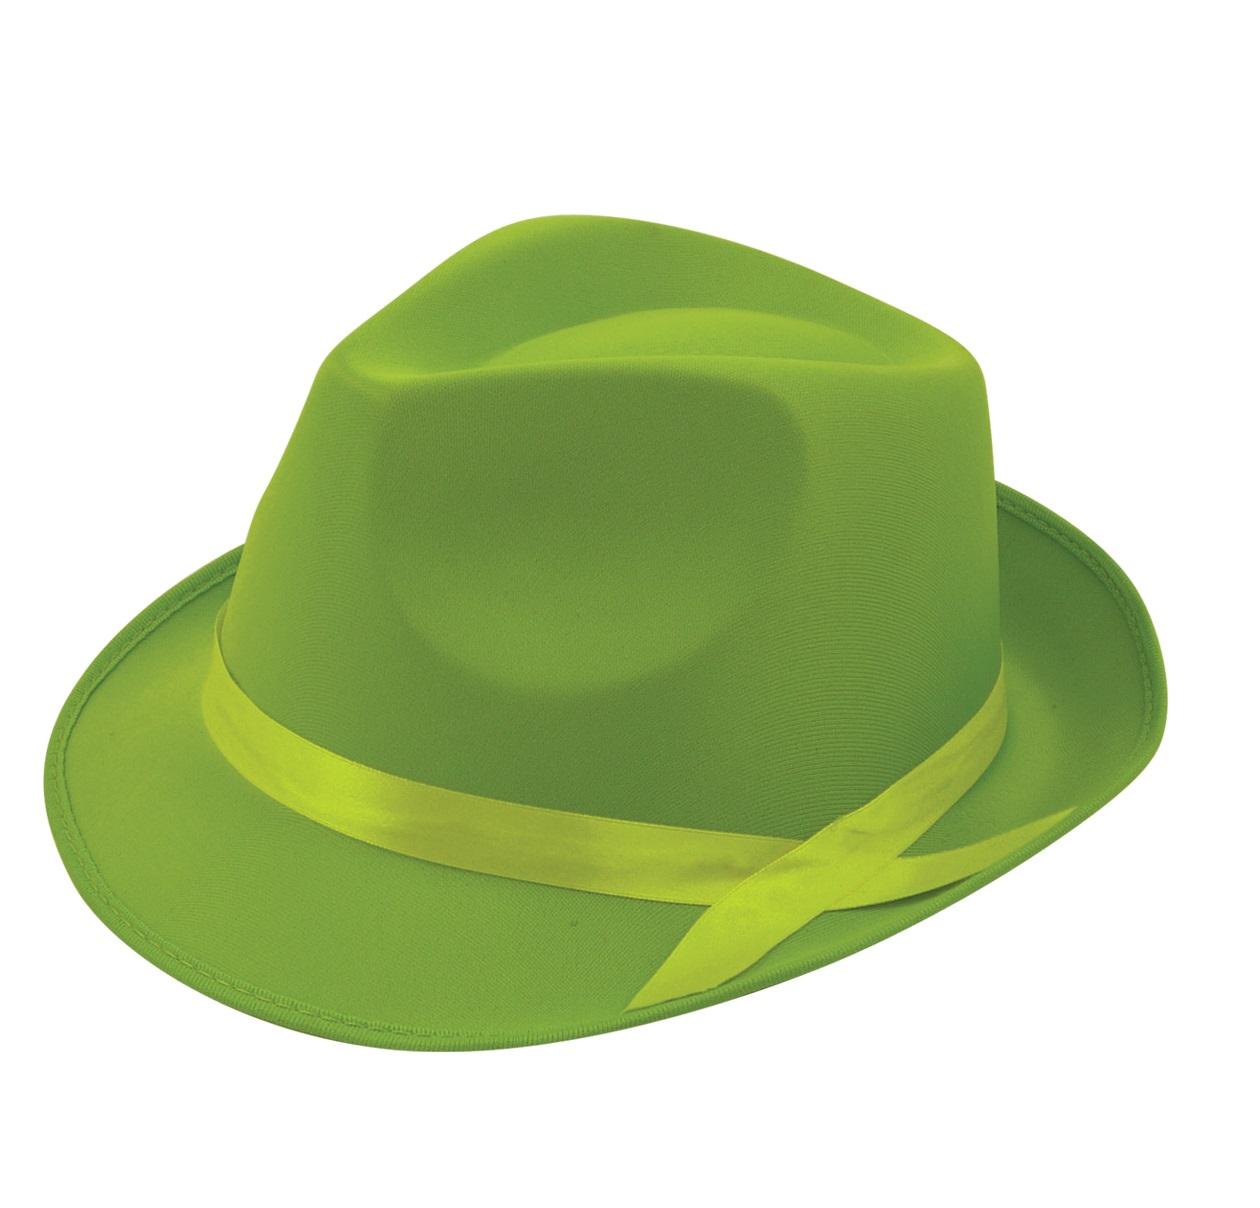 Adulto-Neon-Fluorescente-Ganster-Sombrero-del-Vestido-Lujo-Accesorios-Un-Tamano